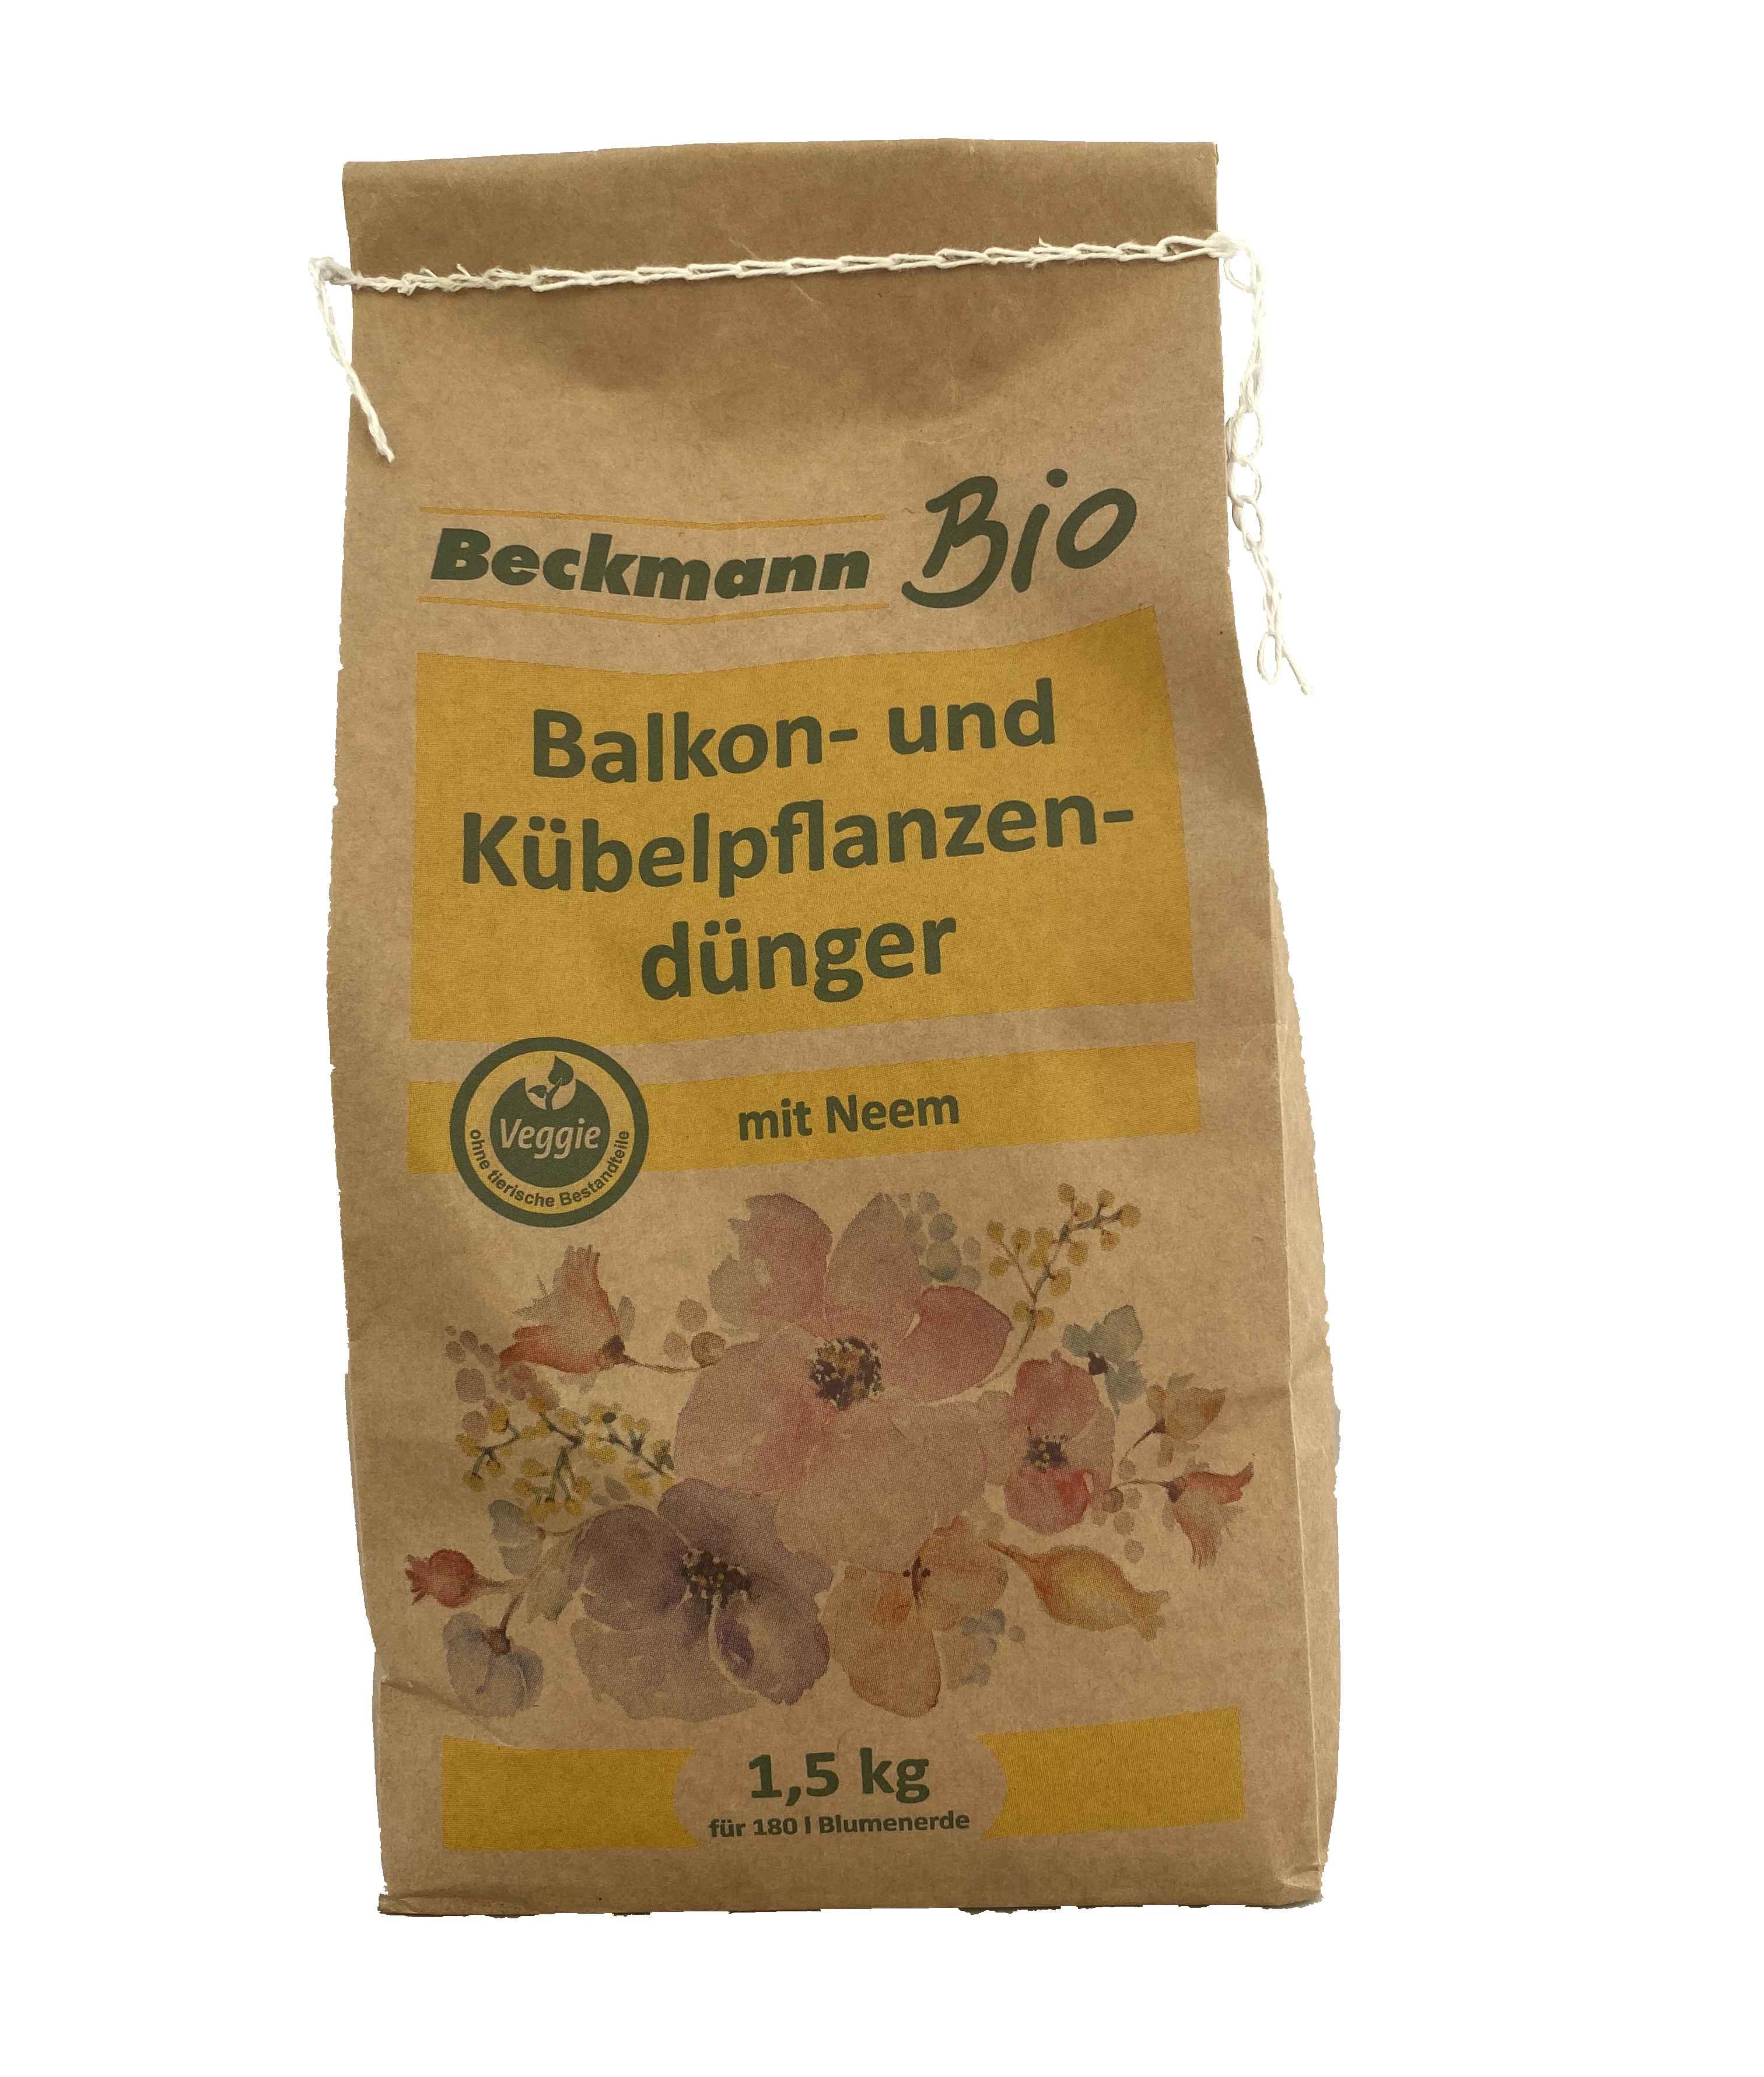 Balkon- und Kübelpflanzendünger gegen Blattläuse